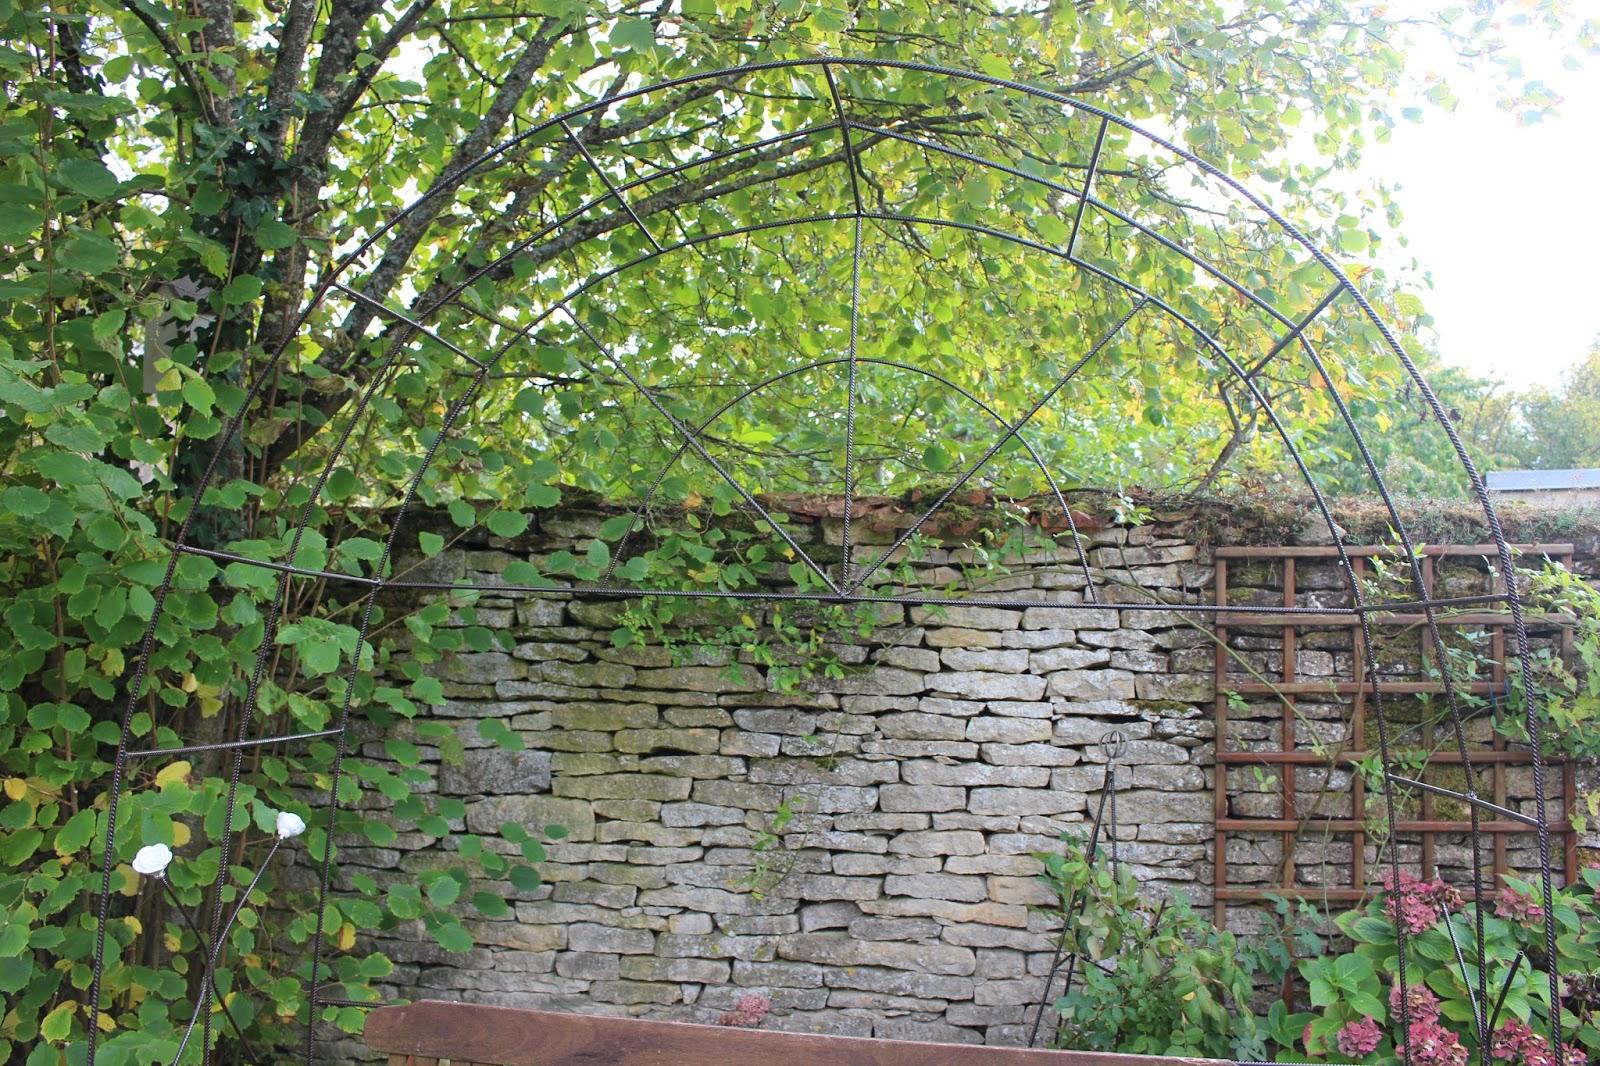 Notre jardin secret une arche en fer b ton - Deco jardin chaussee de waterloo tours ...